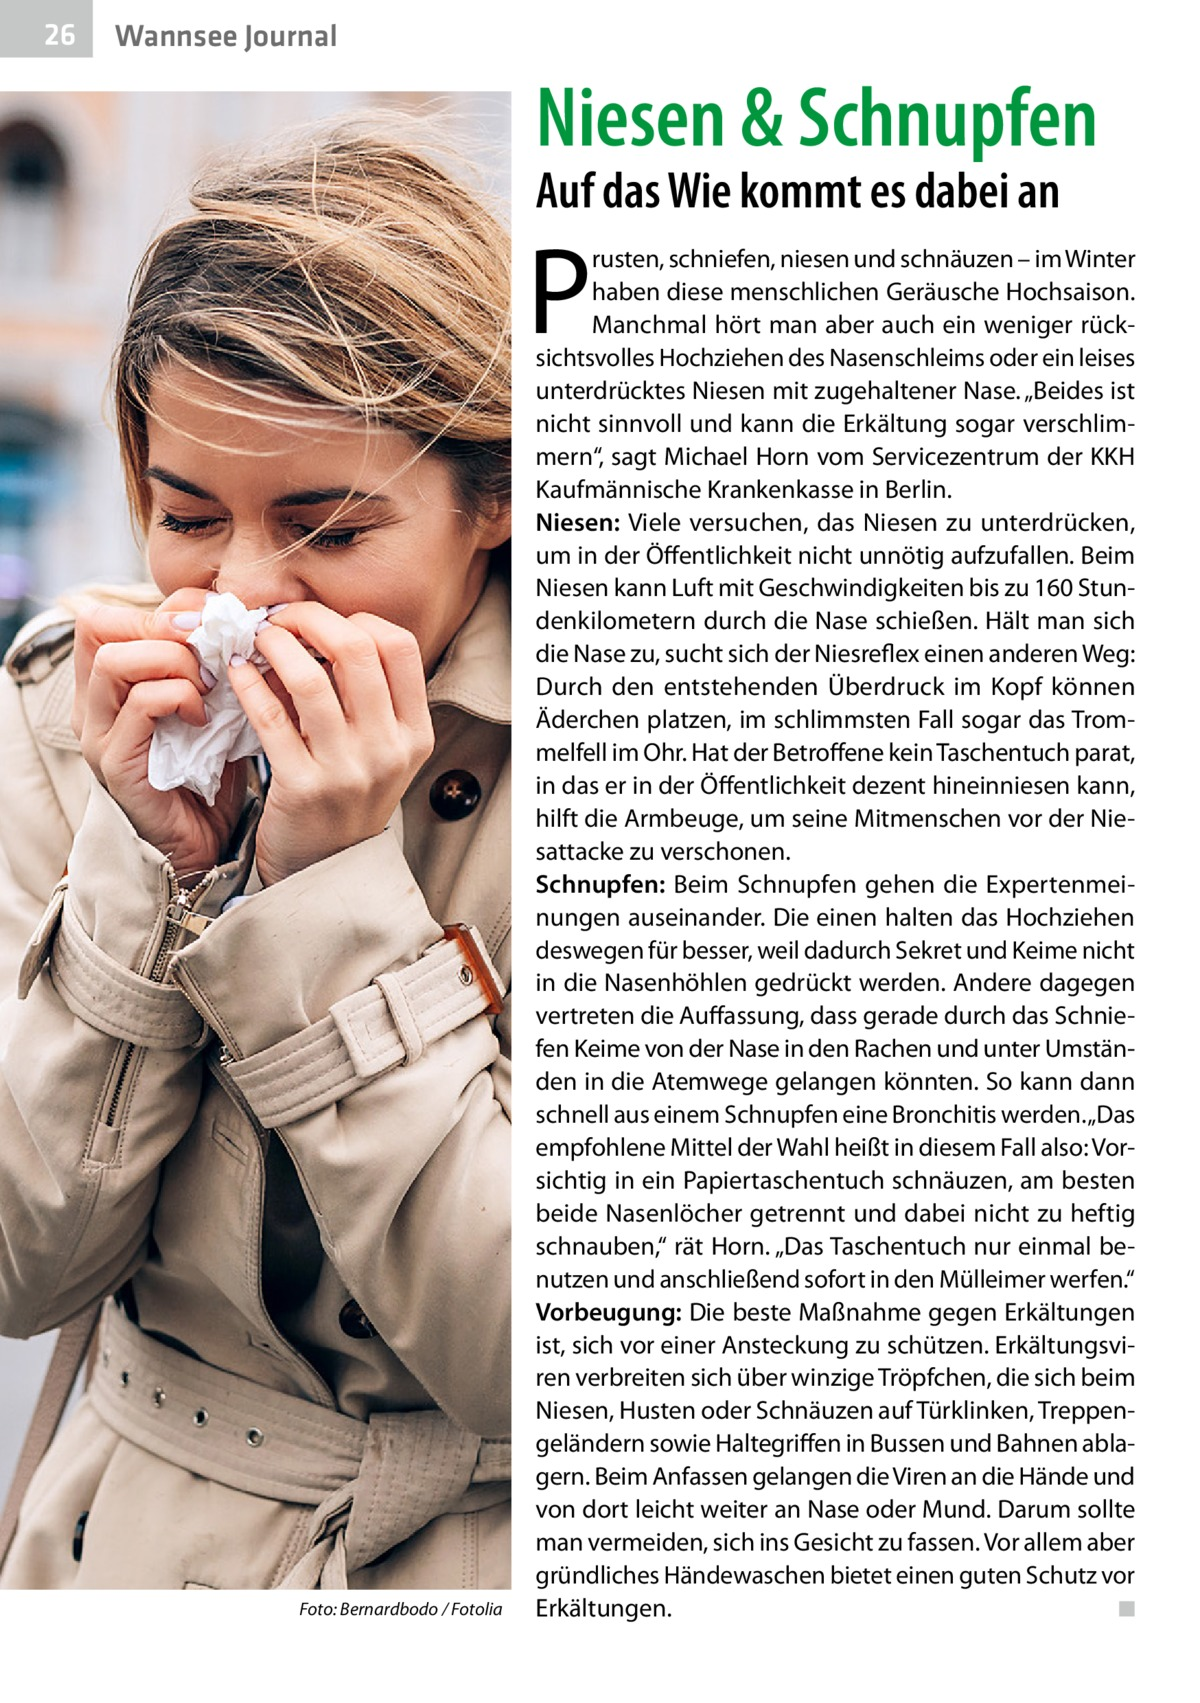 """26  Wannsee Journal  Niesen & Schnupfen Auf das Wie kommt es dabei an  P  �  Foto: Bernardbodo / Fotolia  rusten, schniefen, niesen und schnäuzen – im Winter haben diese menschlichen Geräusche Hochsaison. Manchmal hört man aber auch ein weniger rücksichtsvolles Hochziehen des Nasenschleims oder ein leises unterdrücktes Niesen mit zugehaltener Nase. """"Beides ist nicht sinnvoll und kann die Erkältung sogar verschlimmern"""", sagt Michael Horn vom Servicezentrum der KKH Kaufmännische Krankenkasse in Berlin. Niesen: Viele versuchen, das Niesen zu unterdrücken, um in der Öffentlichkeit nicht unnötig aufzufallen. Beim Niesen kann Luft mit Geschwindigkeiten bis zu 160Stundenkilometern durch die Nase schießen. Hält man sich die Nase zu, sucht sich der Niesreflex einen anderen Weg: Durch den entstehenden Überdruck im Kopf können Äderchen platzen, im schlimmsten Fall sogar das Trommelfell im Ohr. Hat der Betroffene kein Taschentuch parat, in das er in der Öffentlichkeit dezent hineinniesen kann, hilft die Armbeuge, um seine Mitmenschen vor der Niesattacke zu verschonen. Schnupfen: Beim Schnupfen gehen die Expertenmeinungen auseinander. Die einen halten das Hochziehen deswegen für besser, weil dadurch Sekret und Keime nicht in die Nasenhöhlen gedrückt werden. Andere dagegen vertreten die Auffassung, dass gerade durch das Schniefen Keime von der Nase in den Rachen und unter Umständen in die Atemwege gelangen könnten. So kann dann schnell aus einem Schnupfen eine Bronchitis werden. """"Das empfohlene Mittel der Wahl heißt in diesem Fall also: Vorsichtig in ein Papiertaschentuch schnäuzen, am besten beide Nasenlöcher getrennt und dabei nicht zu heftig schnauben,"""" rät Horn. """"Das Taschentuch nur einmal benutzen und anschließend sofort in den Mülleimer werfen."""" Vorbeugung: Die beste Maßnahme gegen Erkältungen ist, sich vor einer Ansteckung zu schützen. Erkältungsviren verbreiten sich über winzige Tröpfchen, die sich beim Niesen, Husten oder Schnäuzen auf Türklinken, Treppengeländern sowie """